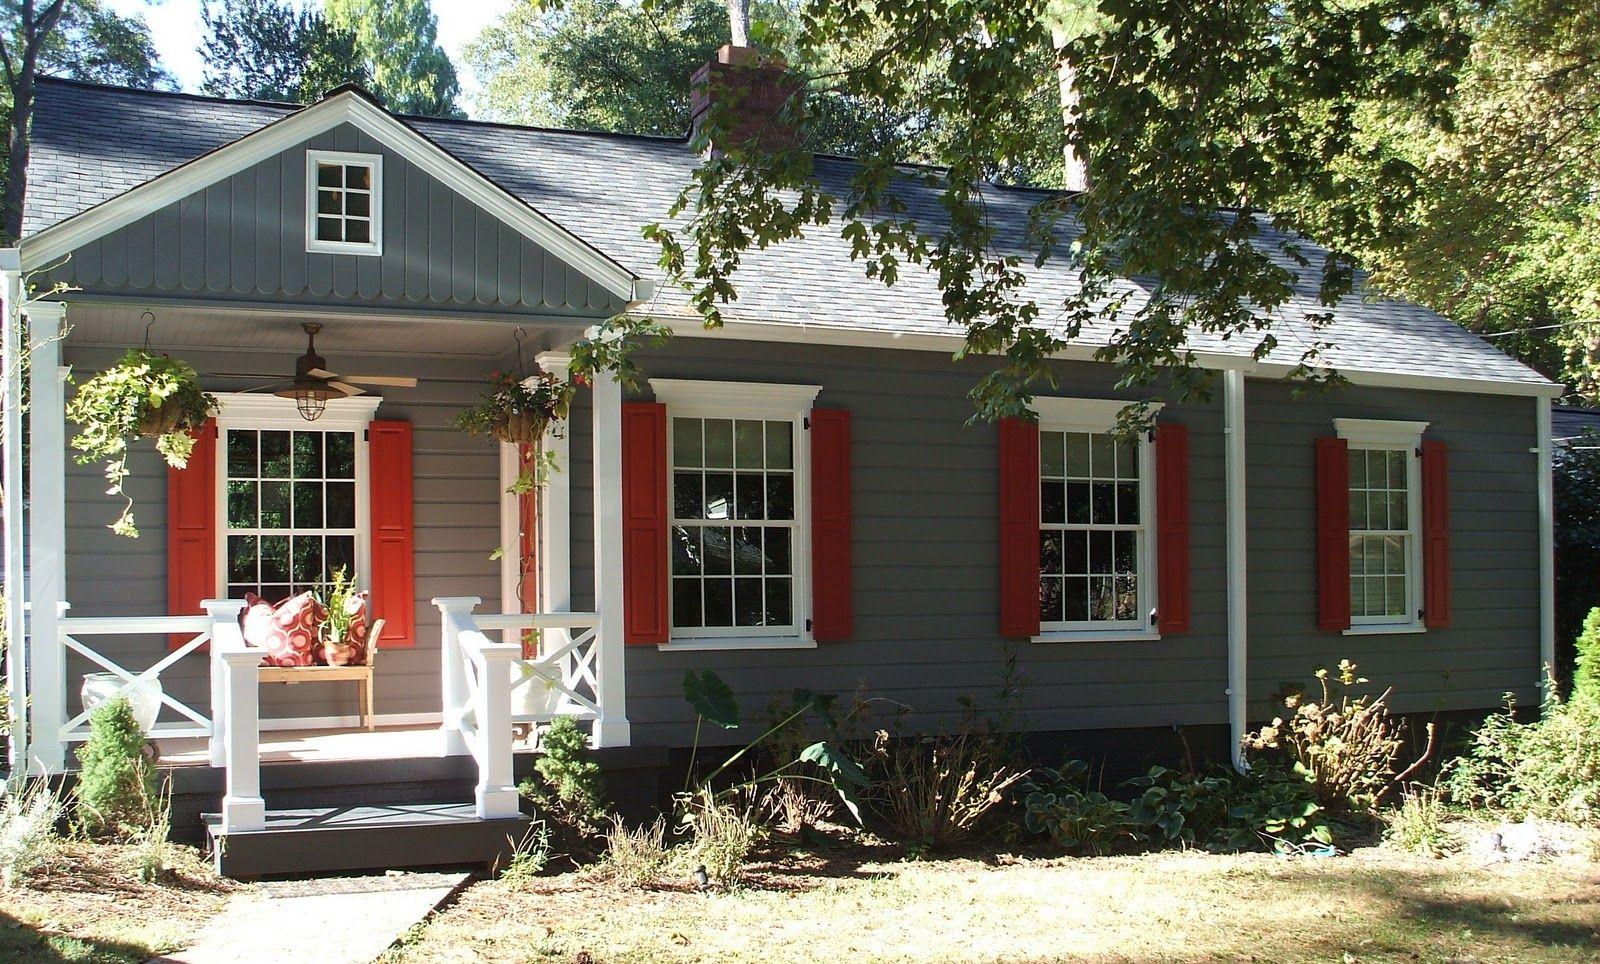 Cabin Exterior Paint Schemes Exterior Paint Color